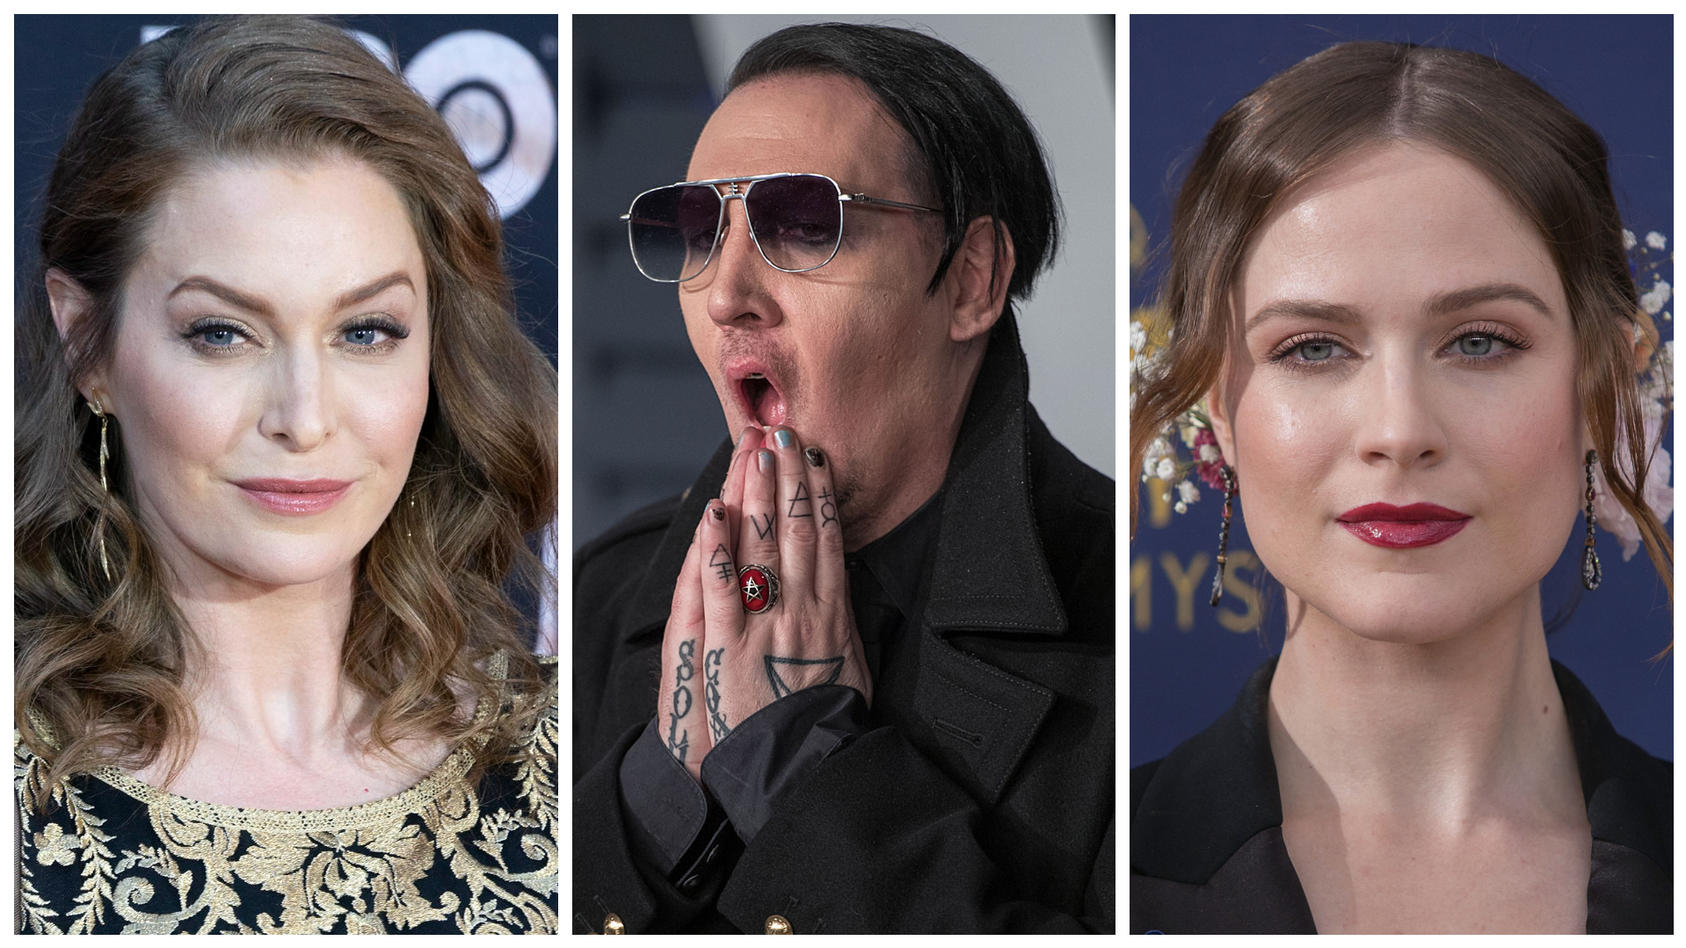 Mehrere Frauen, darunter die Schauspielerinnen Esmé Bianco und Evan Rachel Wood, erheben seit einigen Monaten schwere Missbrauchsvorwürfe gegen Marilyn Manson.